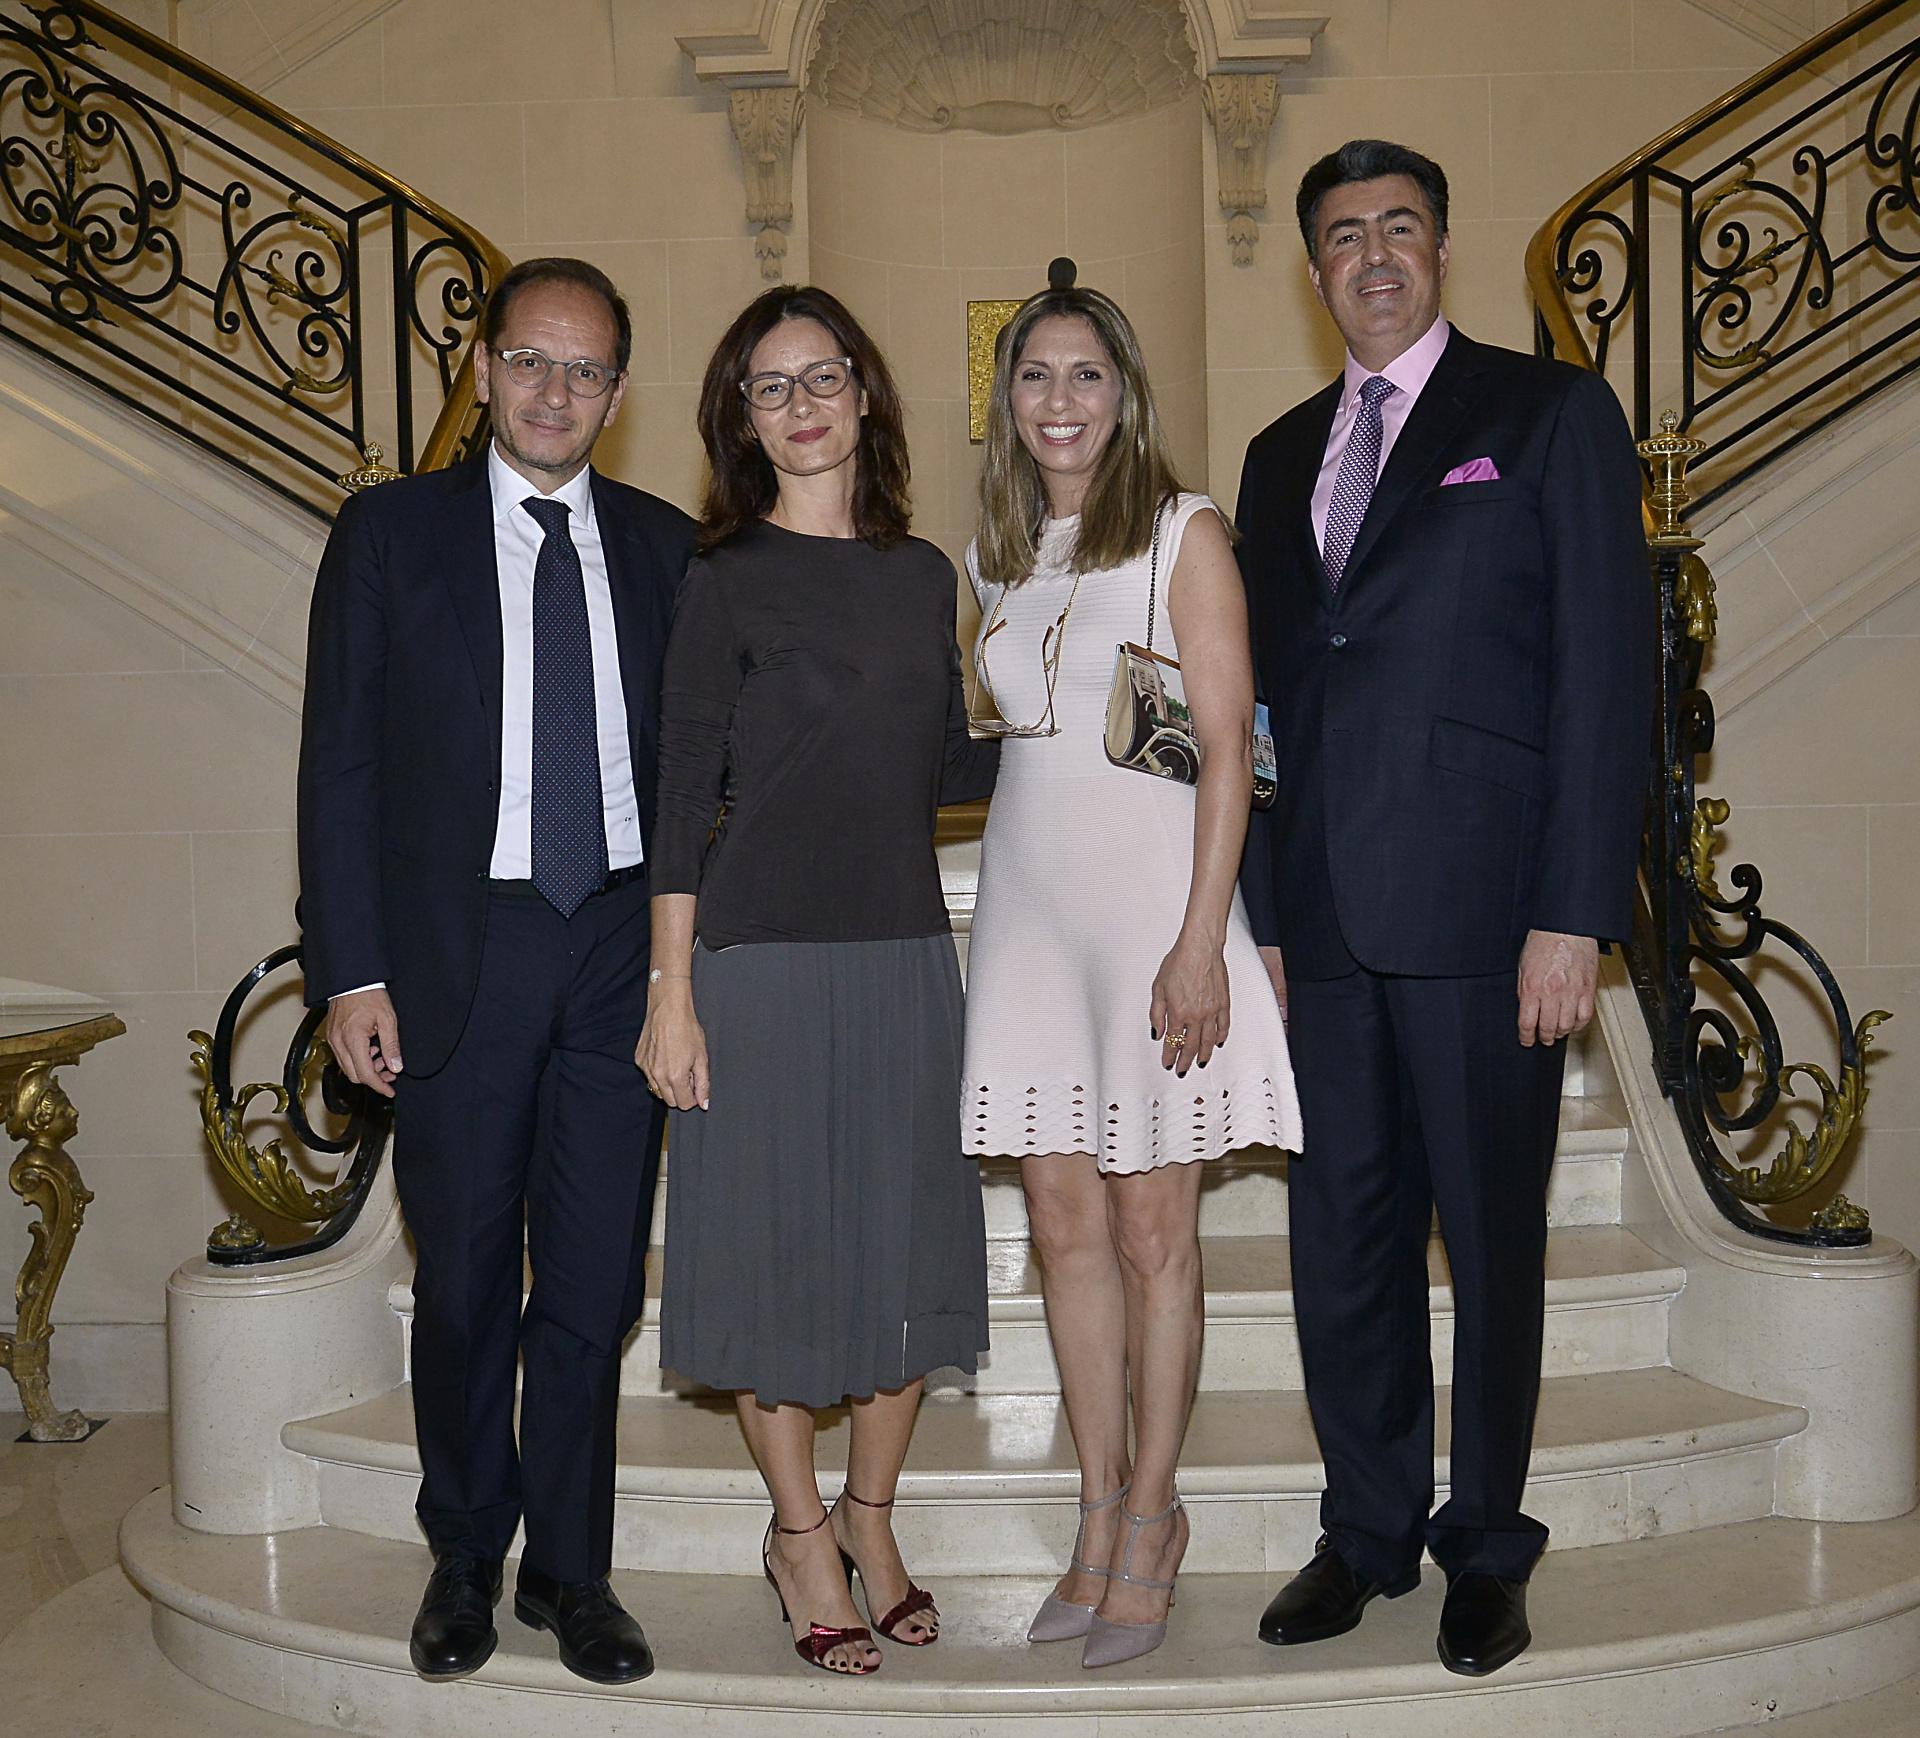 El embajador de Italia Giuseppe Manzo y el embajador del Líbano, Johnny Ibrahim, y sus esposas